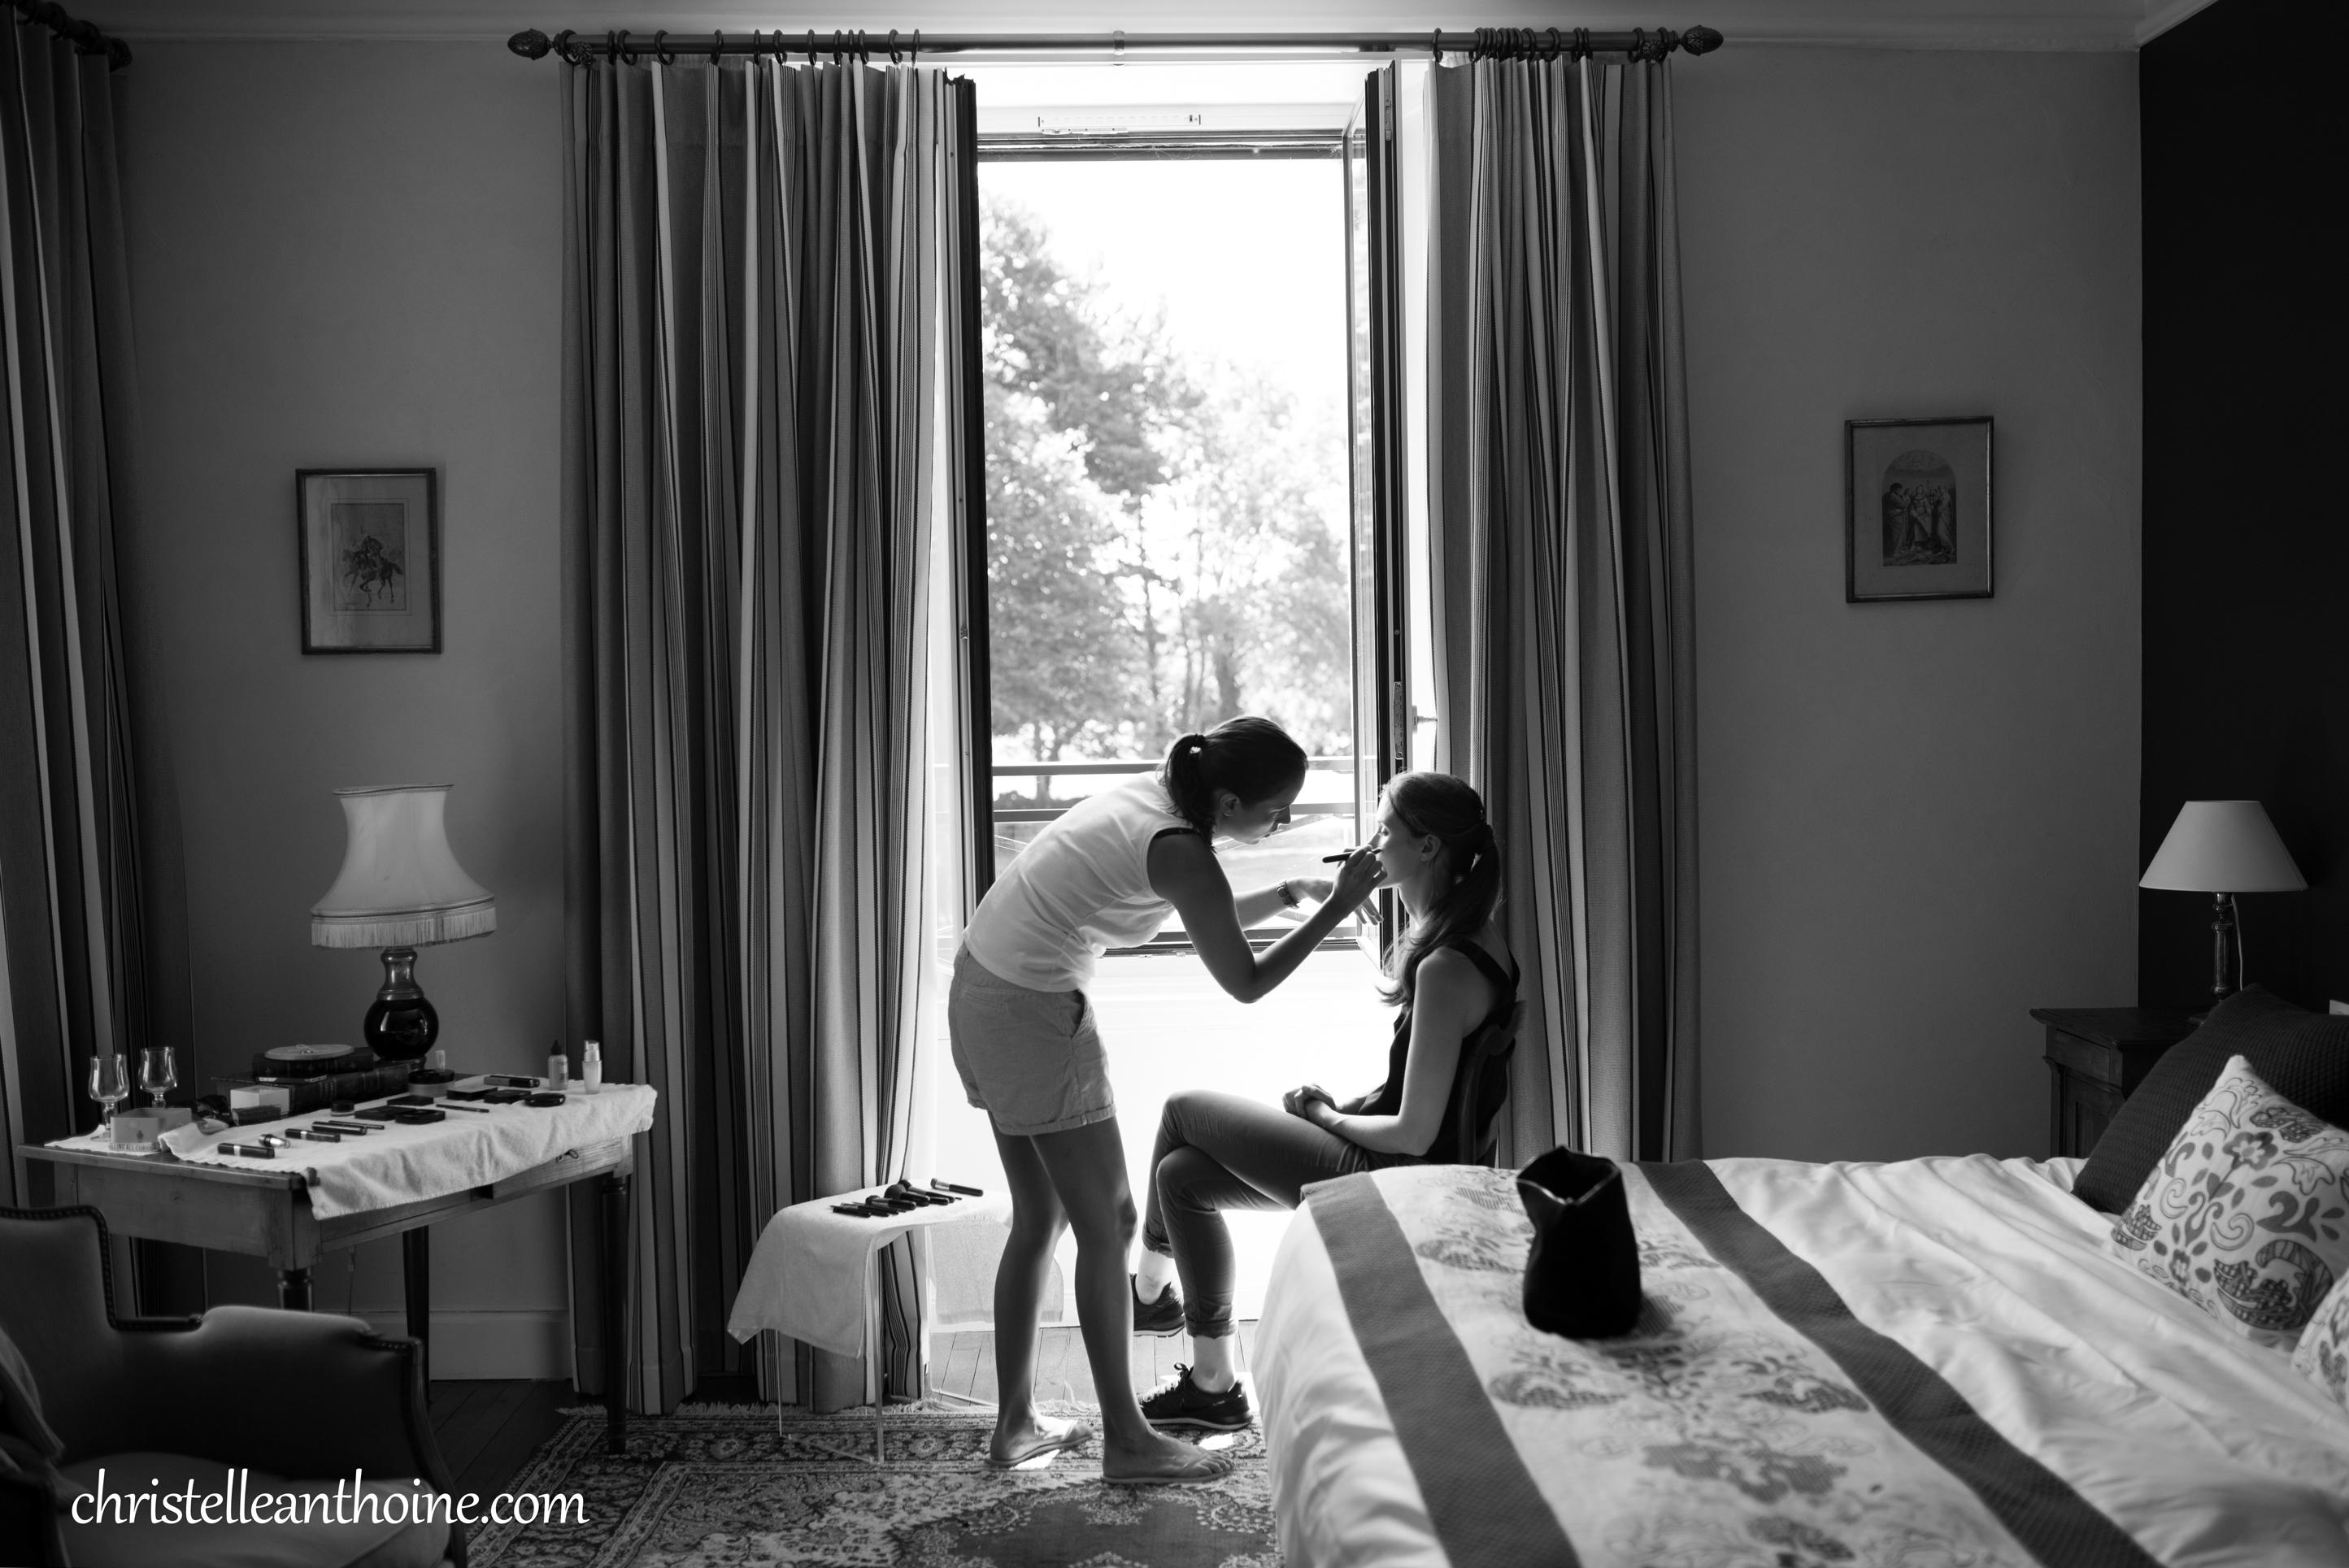 Christelle Anthoine Photographe mariage bretagne côtes d'armor château de Kergrec'h plougrescant préparatif mariée